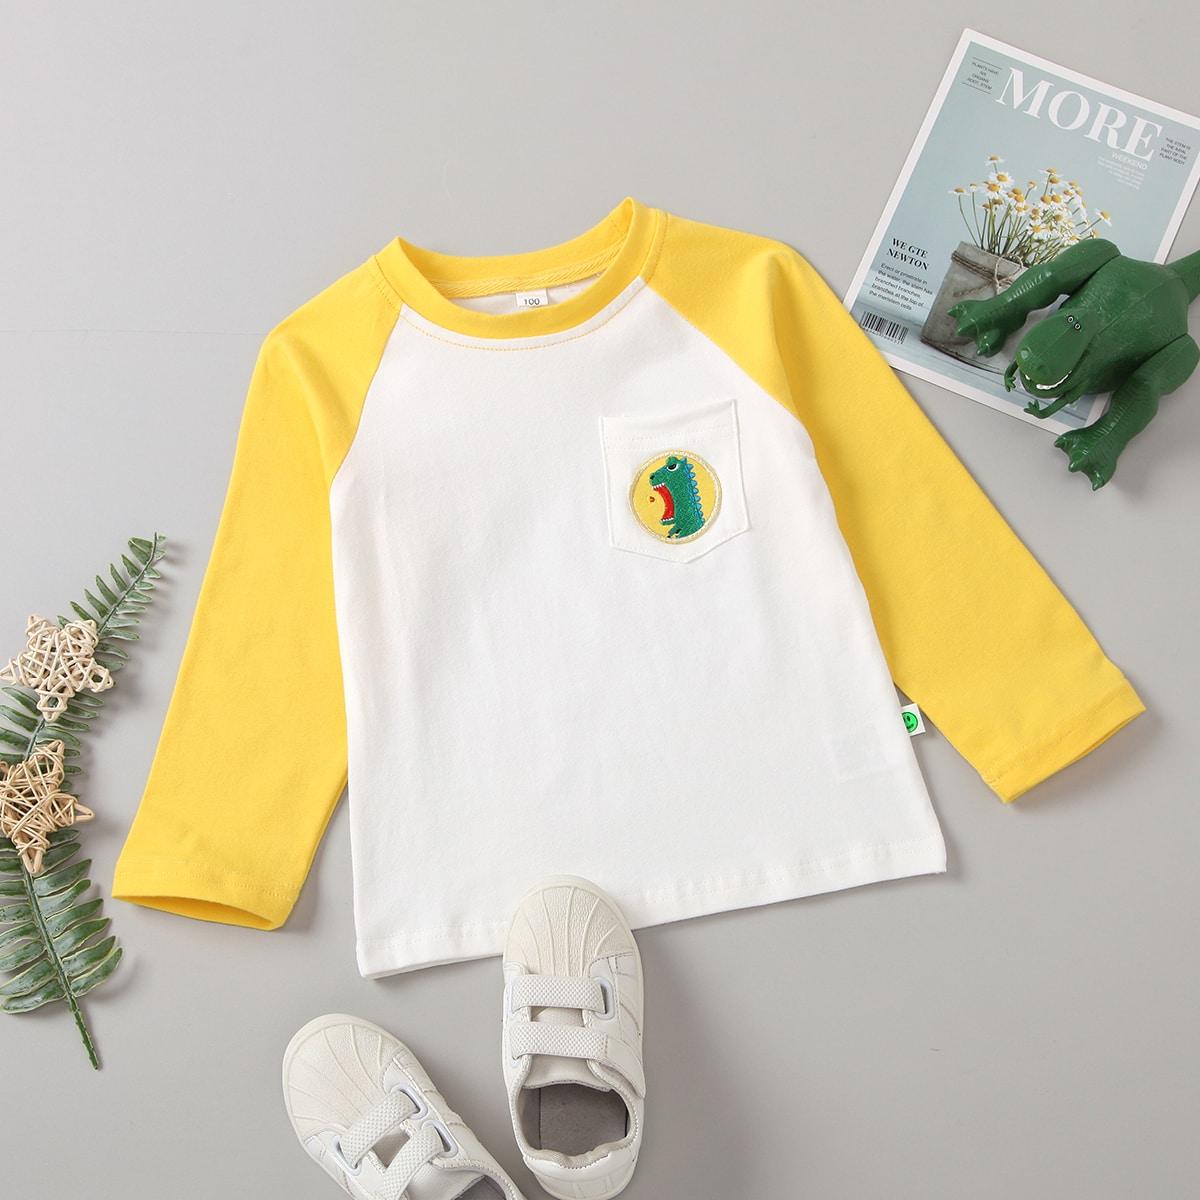 Вышивка с карикатурой повседневный футболки для маленьких девочек